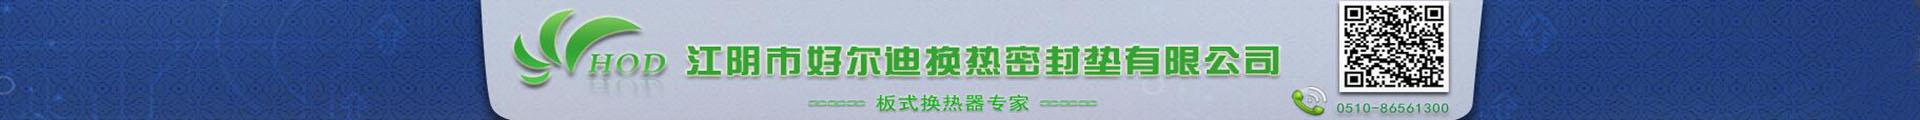 江陰市好爾迪換熱密封墊有限公司